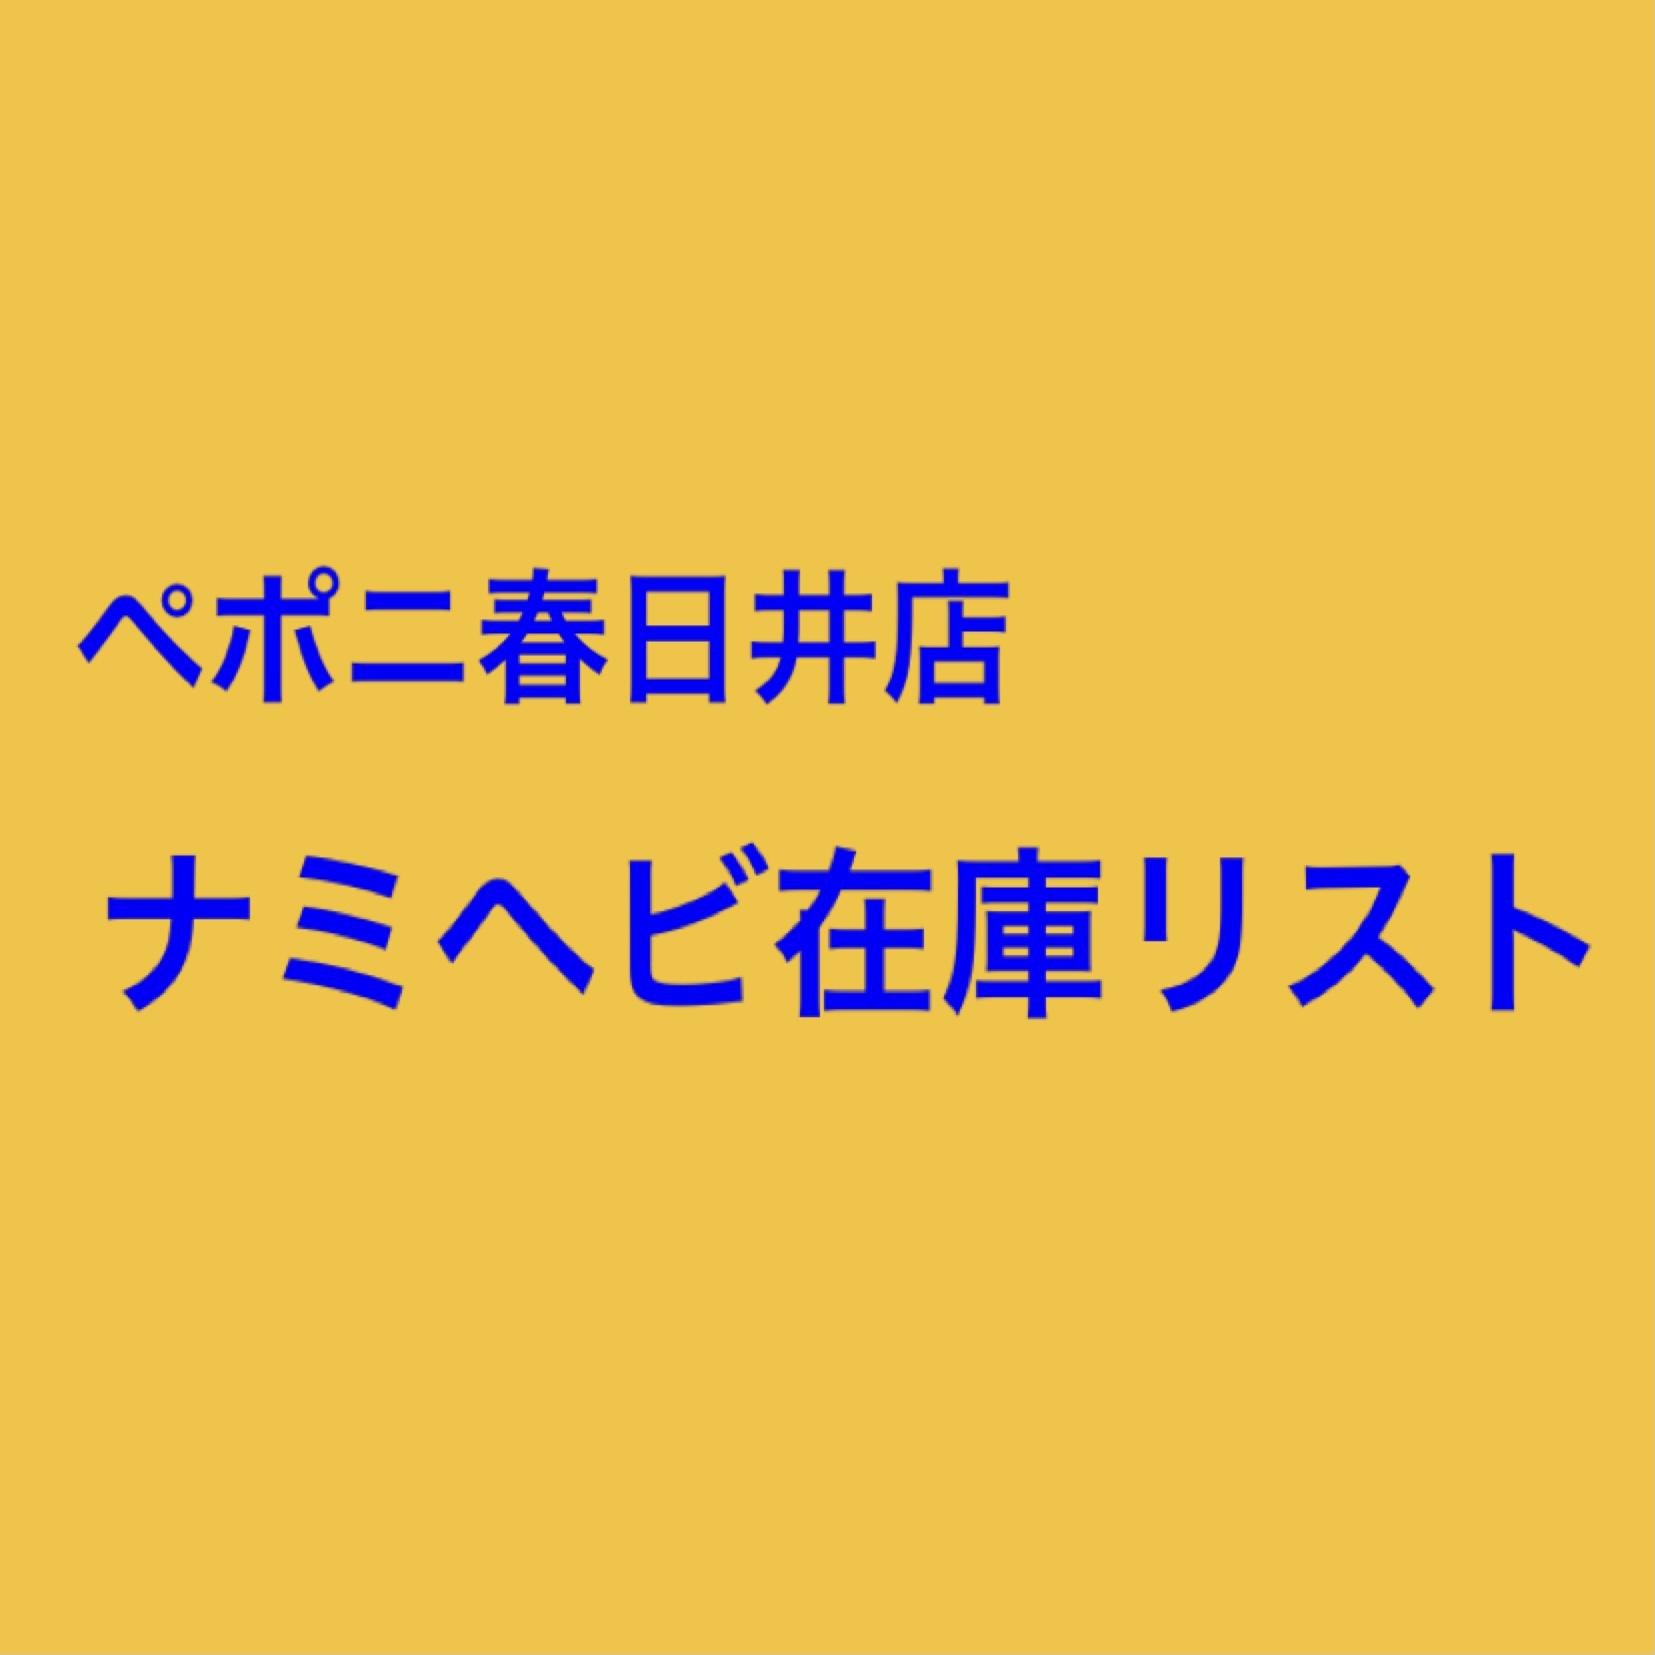 【春ペポニ】店内在庫リスト(ナミヘビ編)